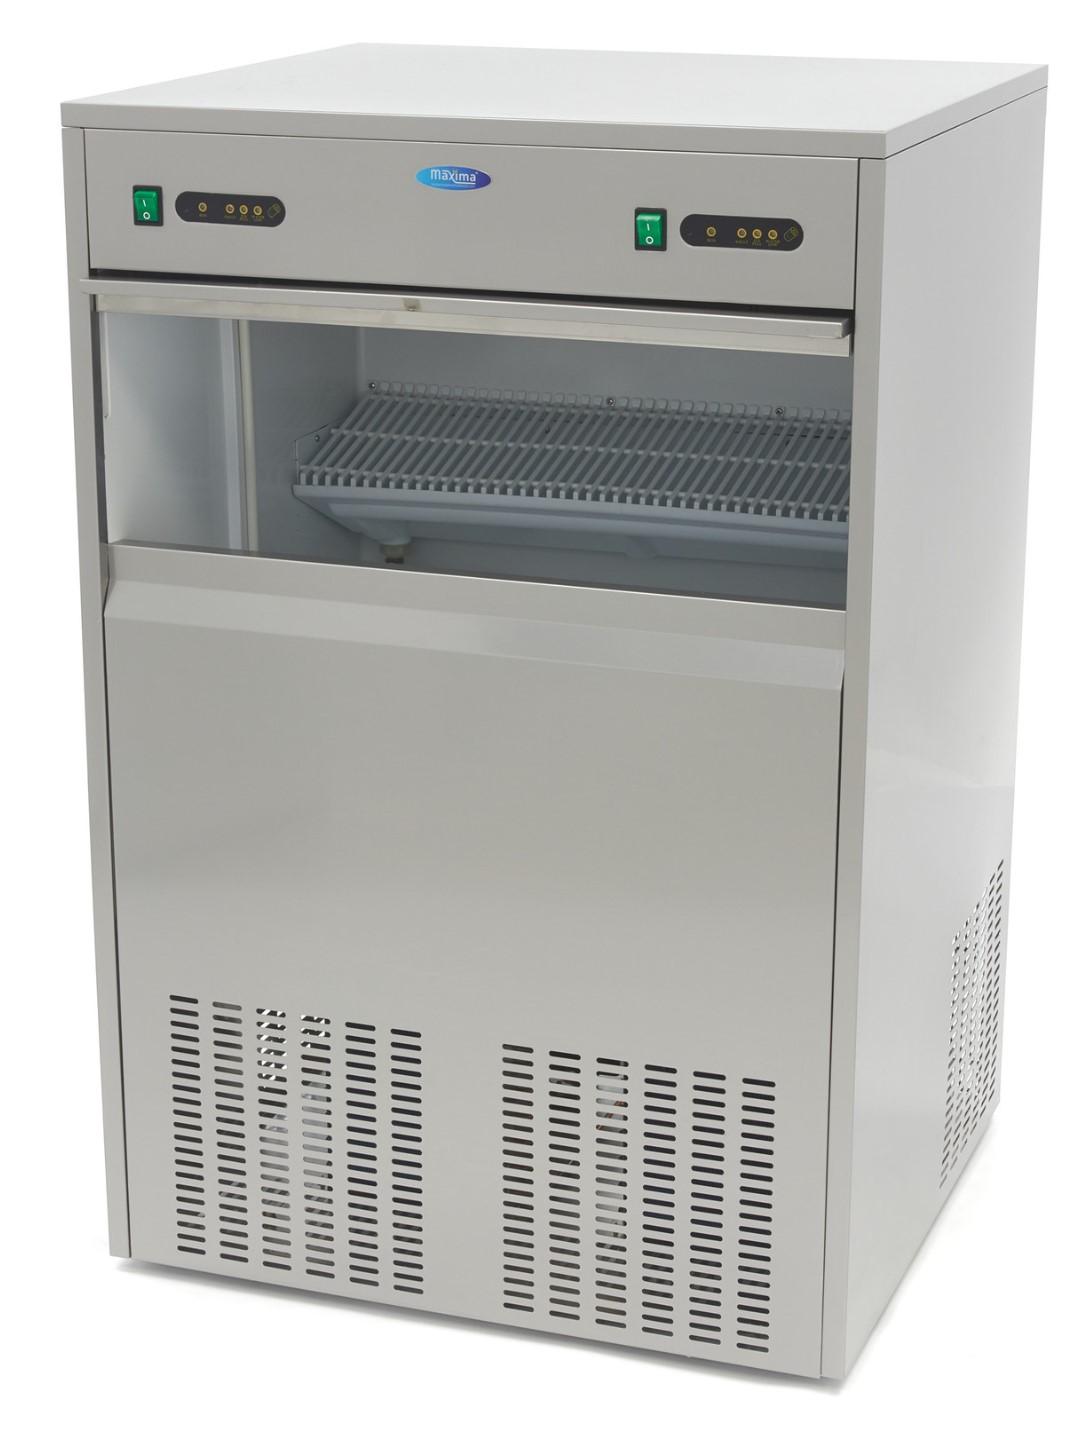 epaggelmatiki-pagomixani-m-ice-100-genikoemporio-zagorianos-5